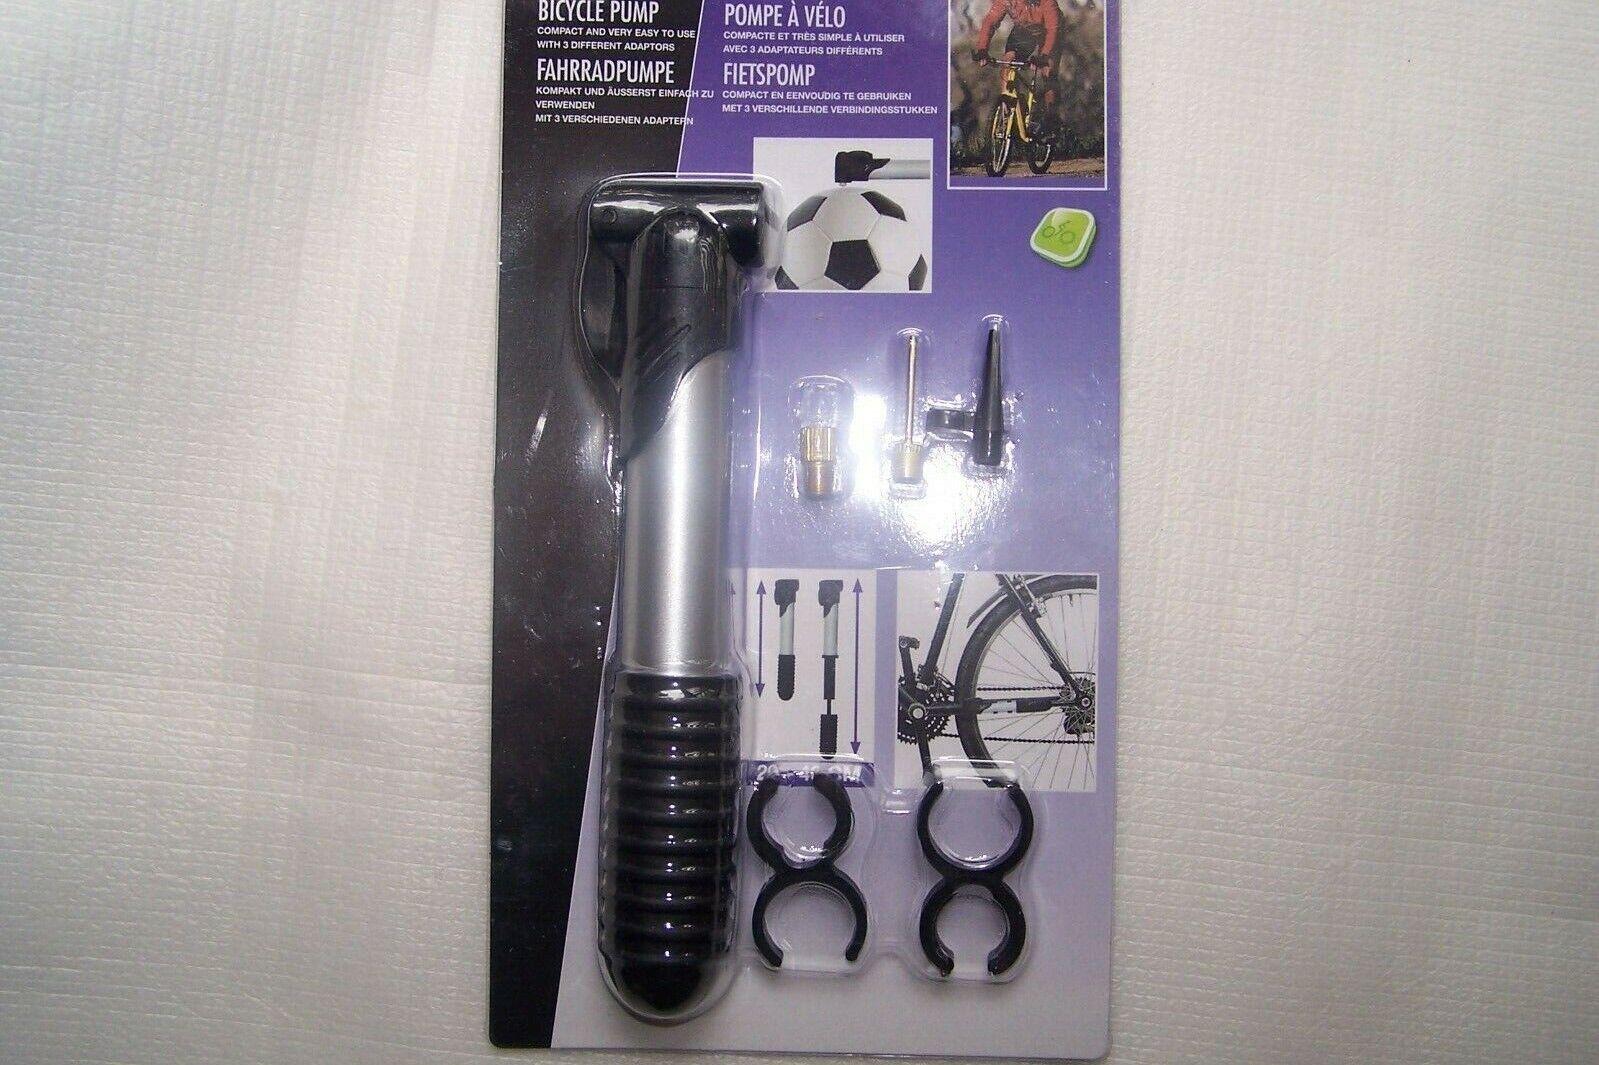 Fahrrad - Luftpumpe, mini, + 3 Adapter, Auto - Blitzventil, Ball - Nadel,Spitze